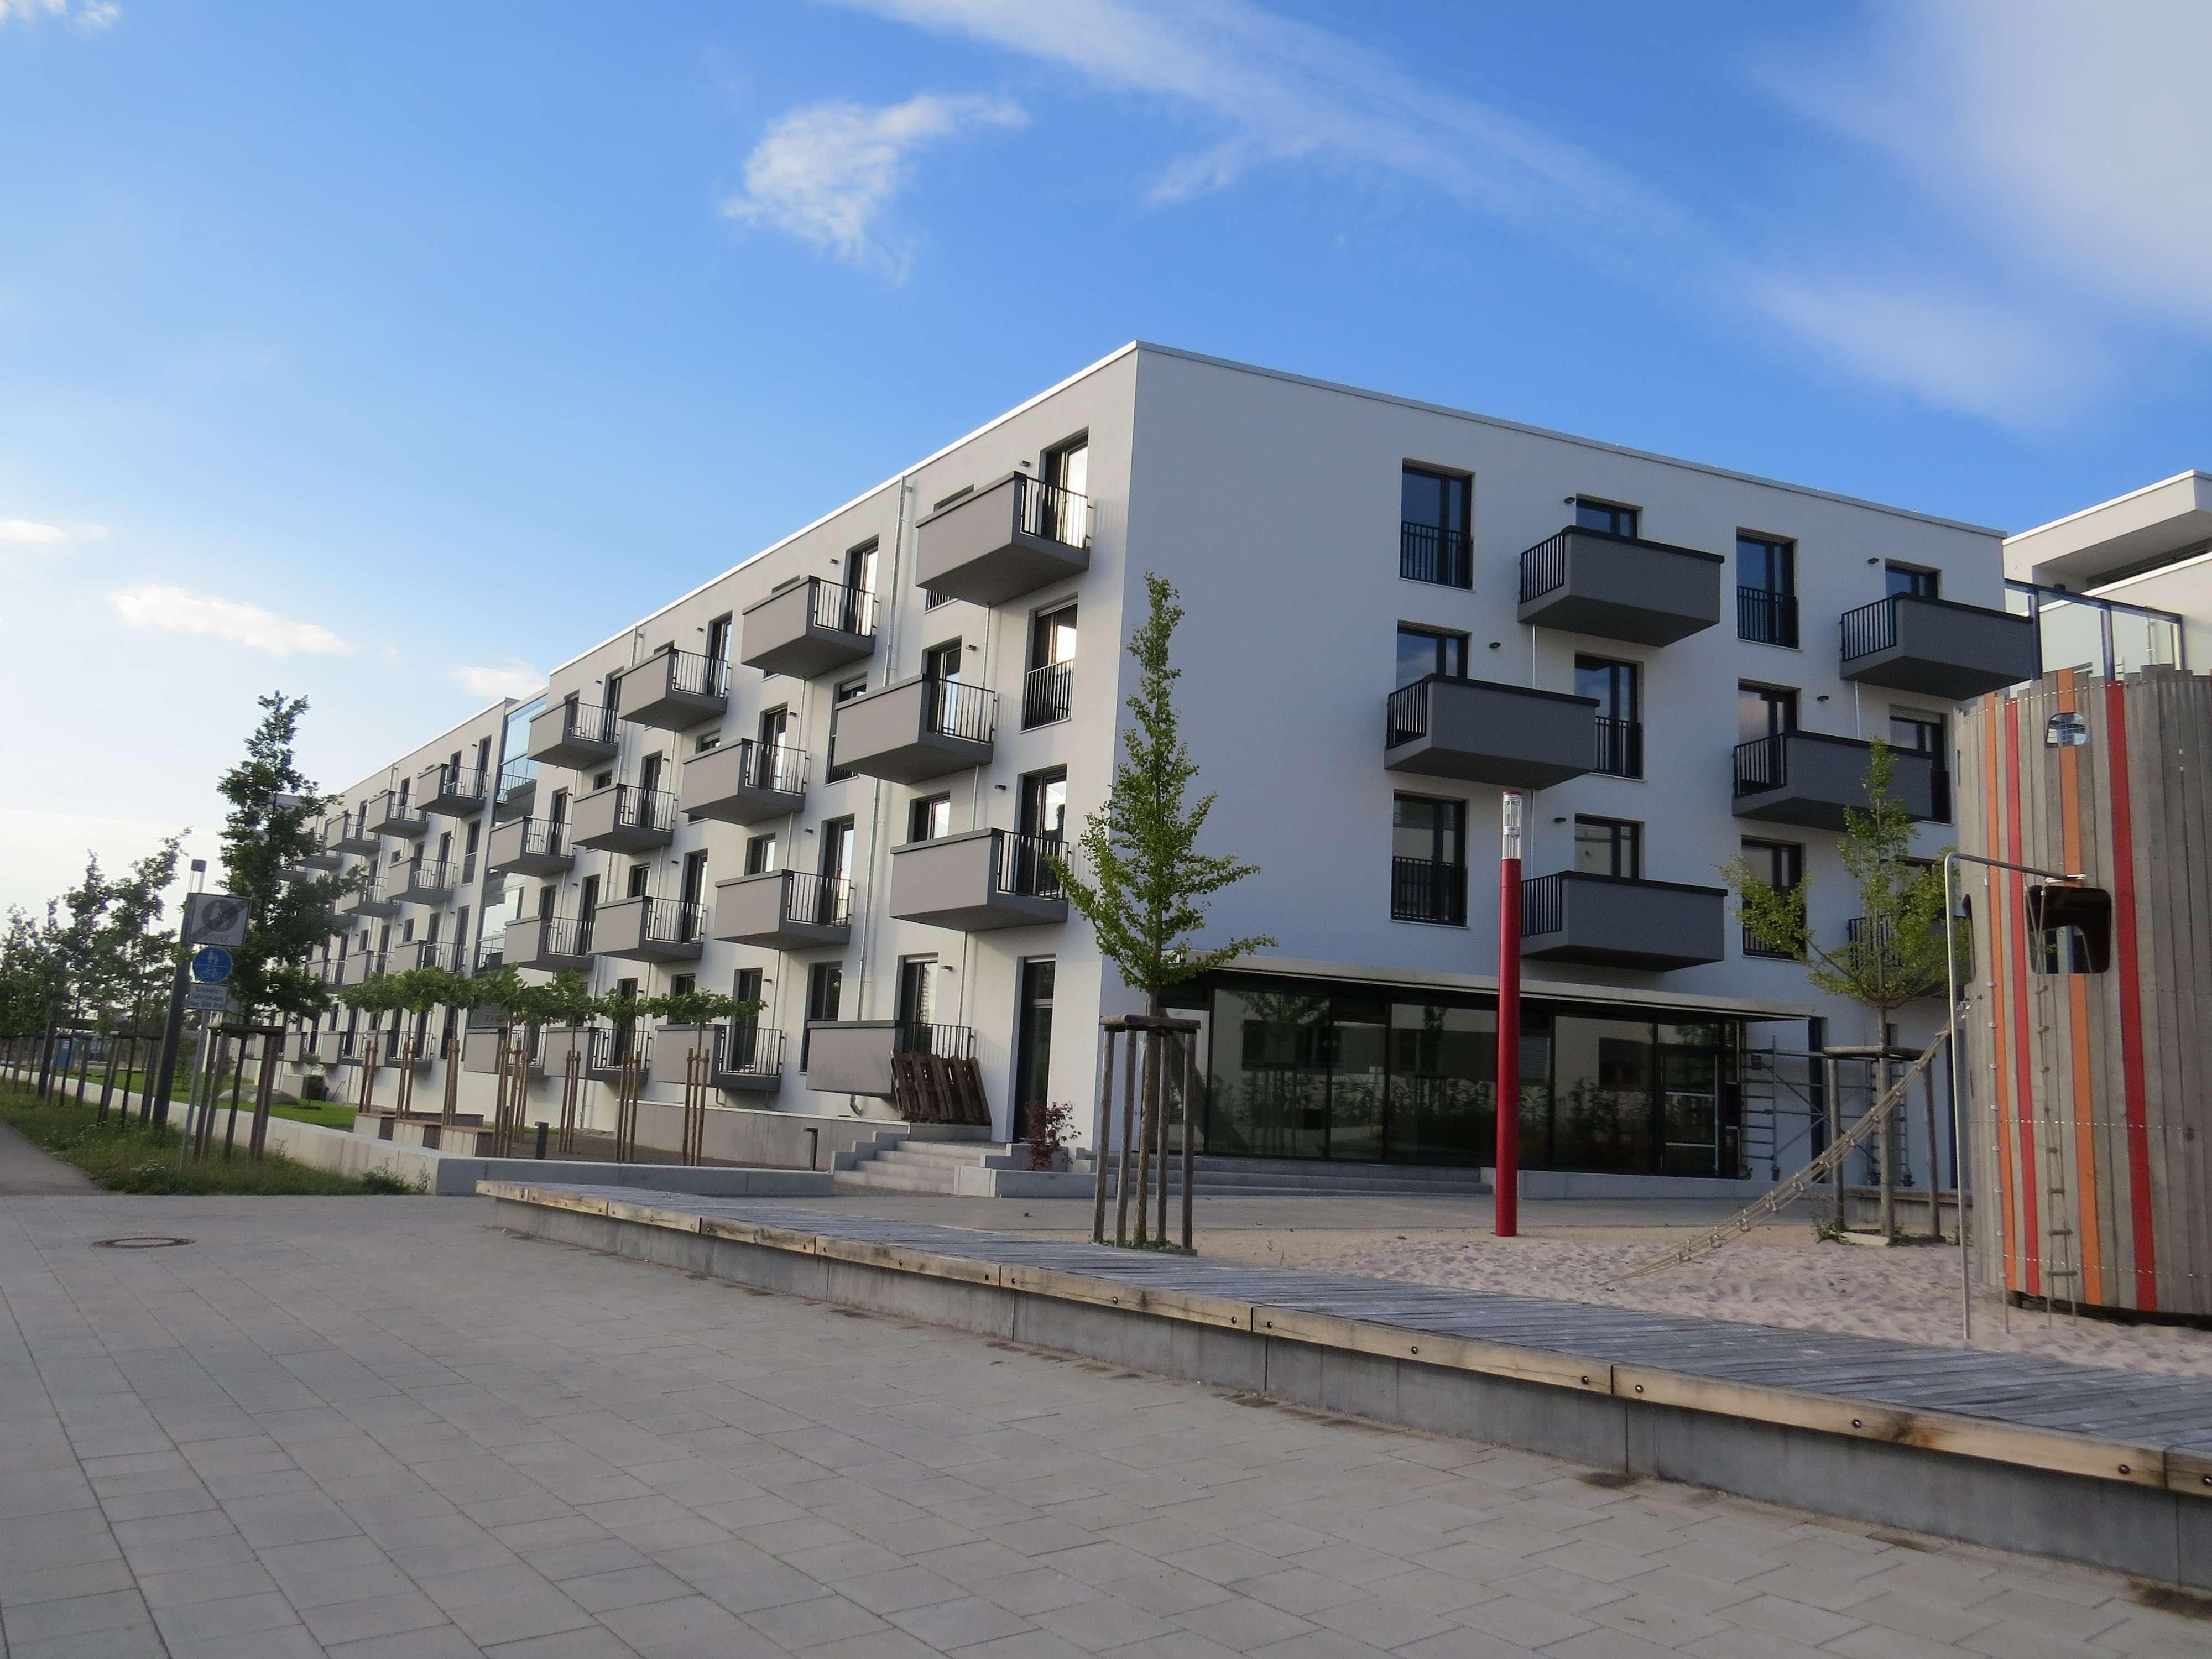 Top Lage für Studenten, neuwertige 1,5-Zimmer-Wohnung mit Balkon und Einbauküche in Augsburg